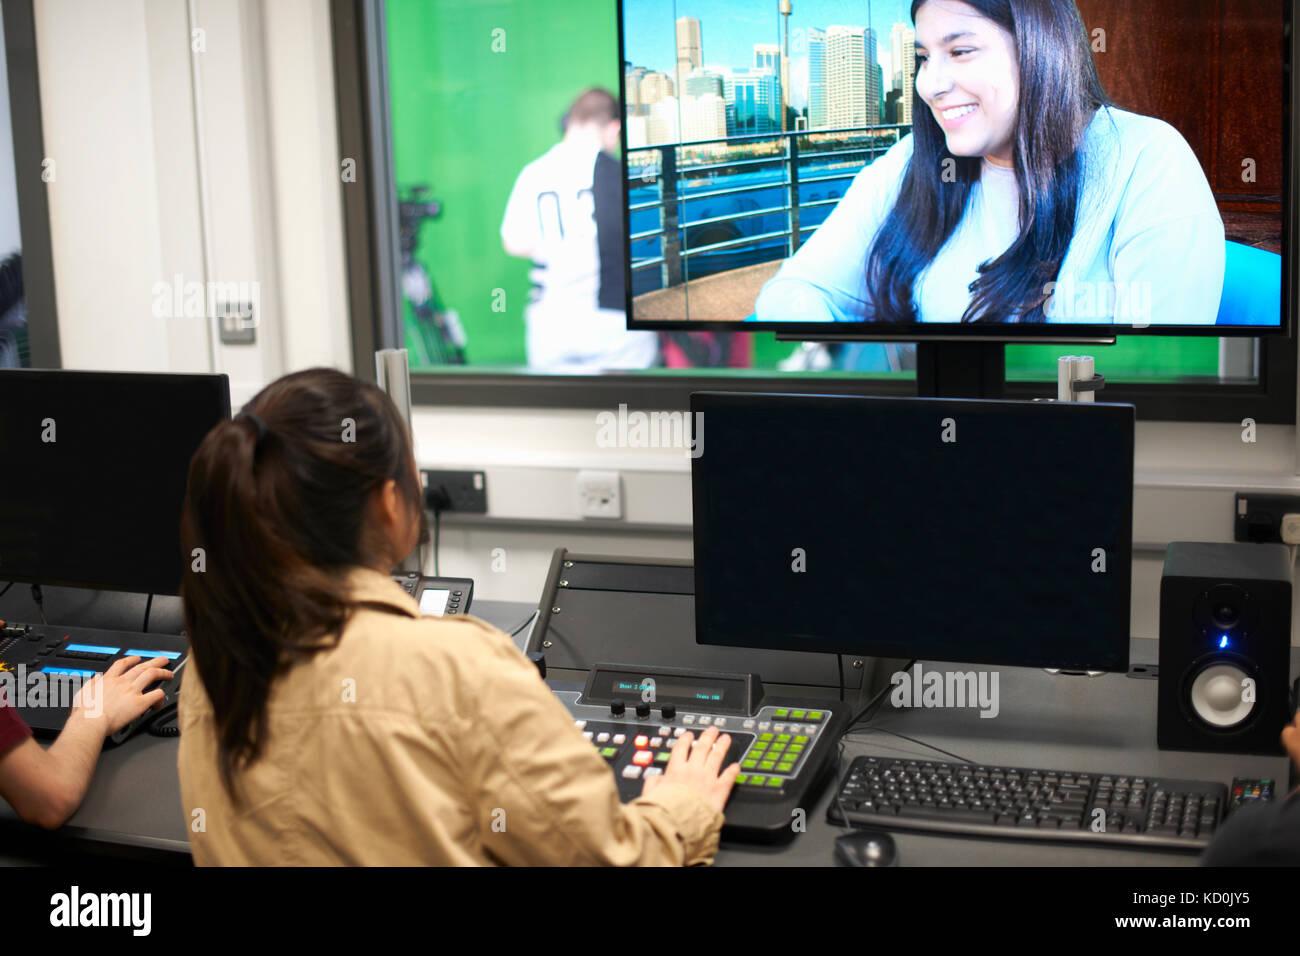 Junge männliche und weibliche Studenten am Mischpult watching tv-Bildschirm Stockbild